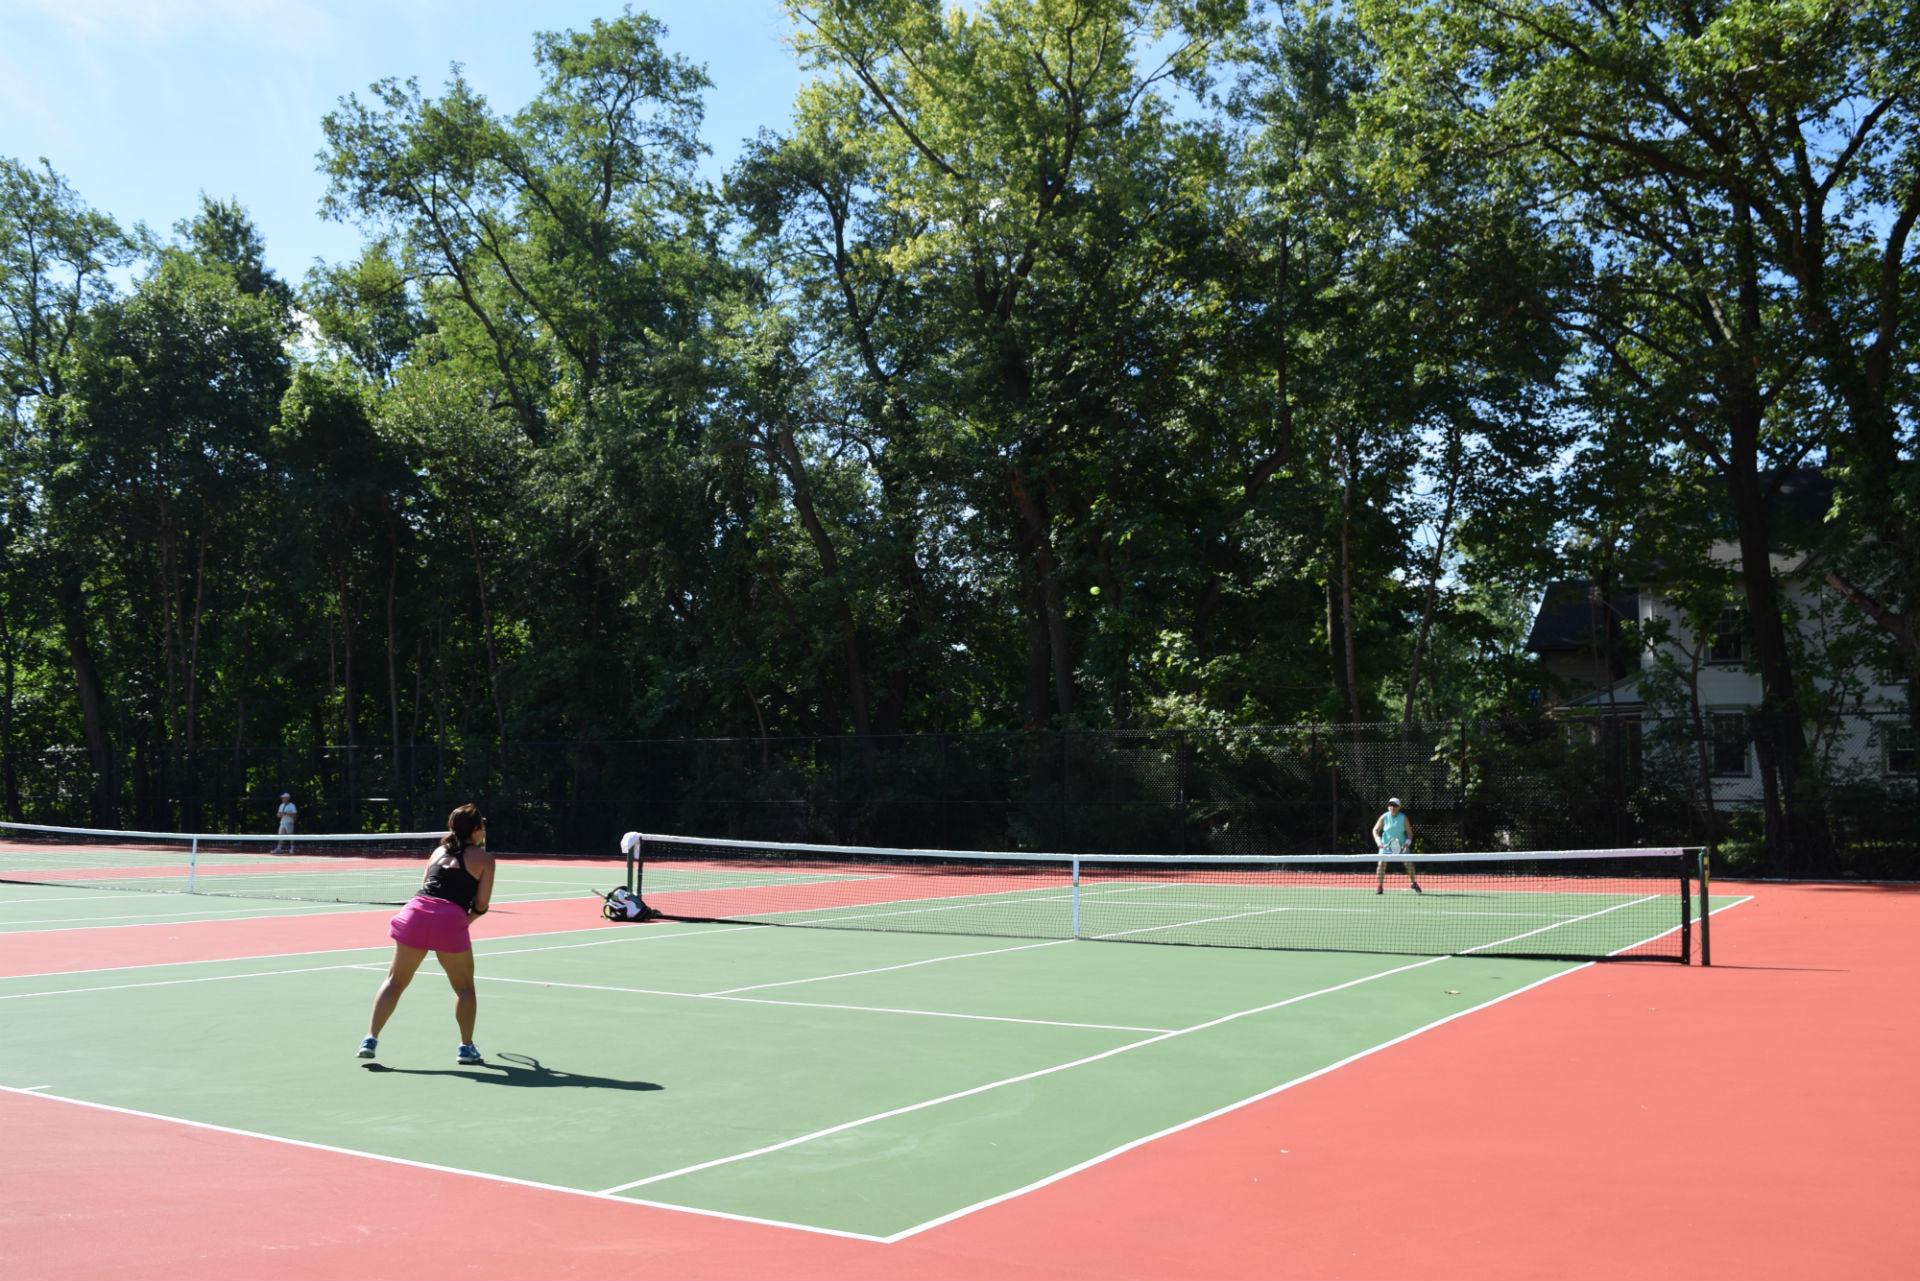 4d0865a75f91e0fe533f_tennis.opening4.jpg